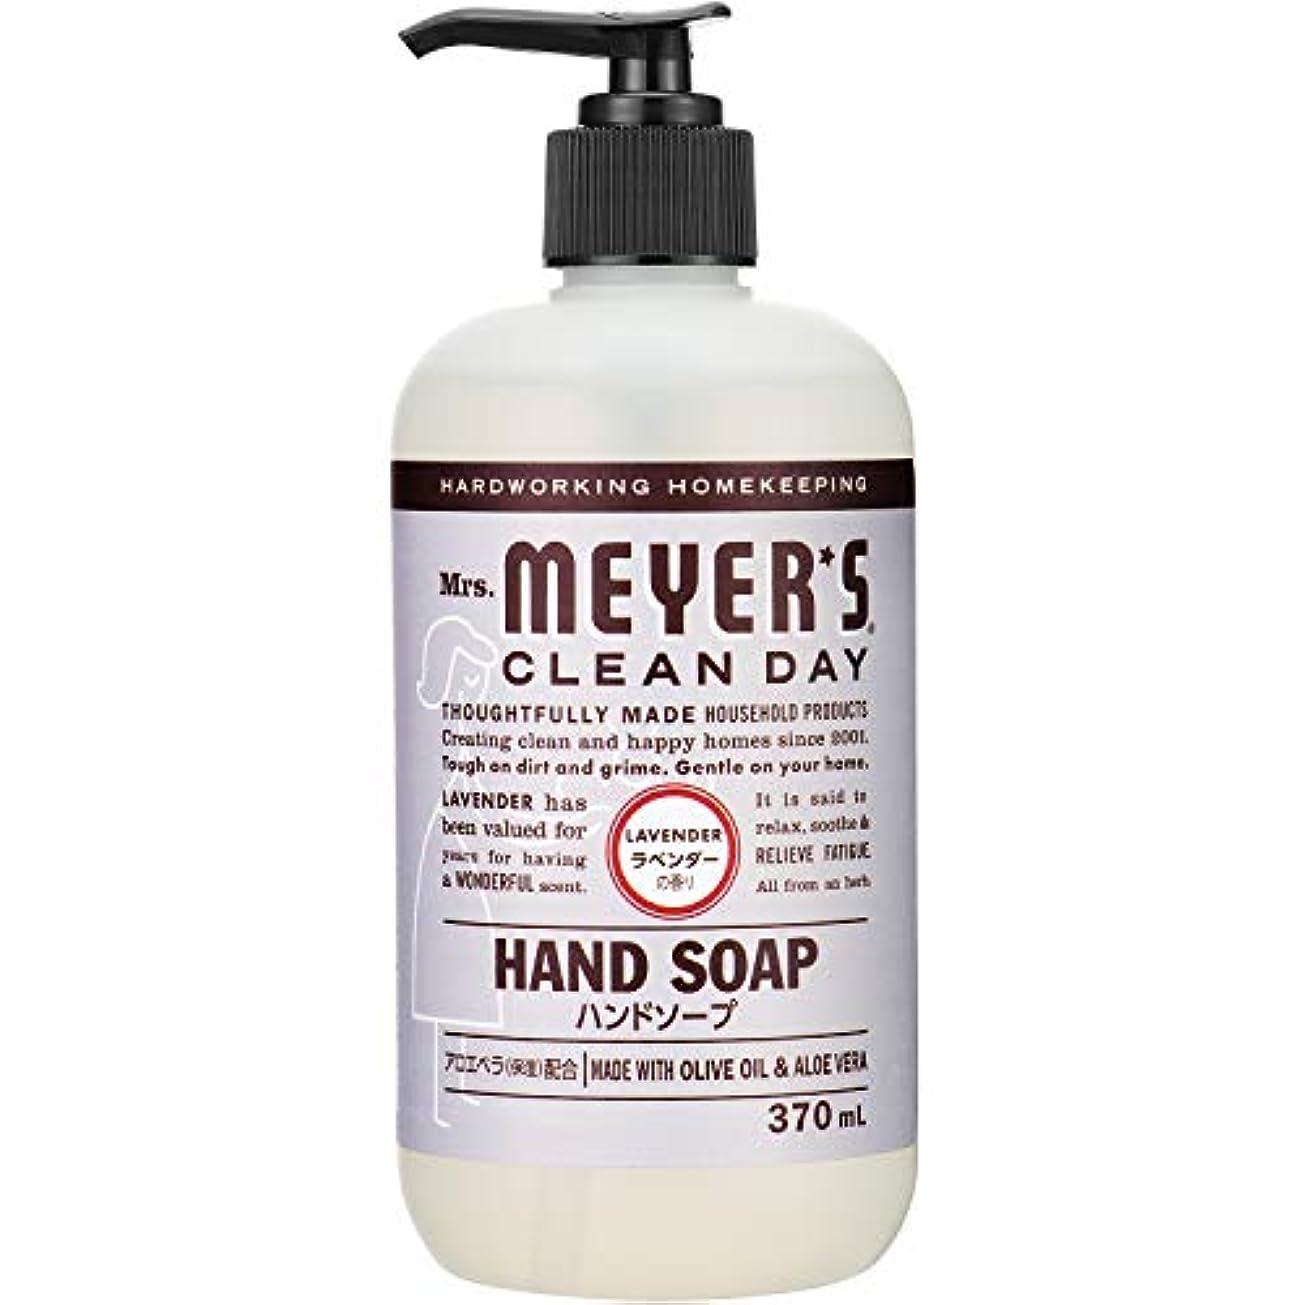 創傷猟犬返還Mrs. MEYER'S CLEAN DAY(ミセスマイヤーズ クリーンデイ) ミセスマイヤーズ クリーンデイ(Mrs.Meyers Clean Day) ハンドソープ ラベンダーの香り 370ml